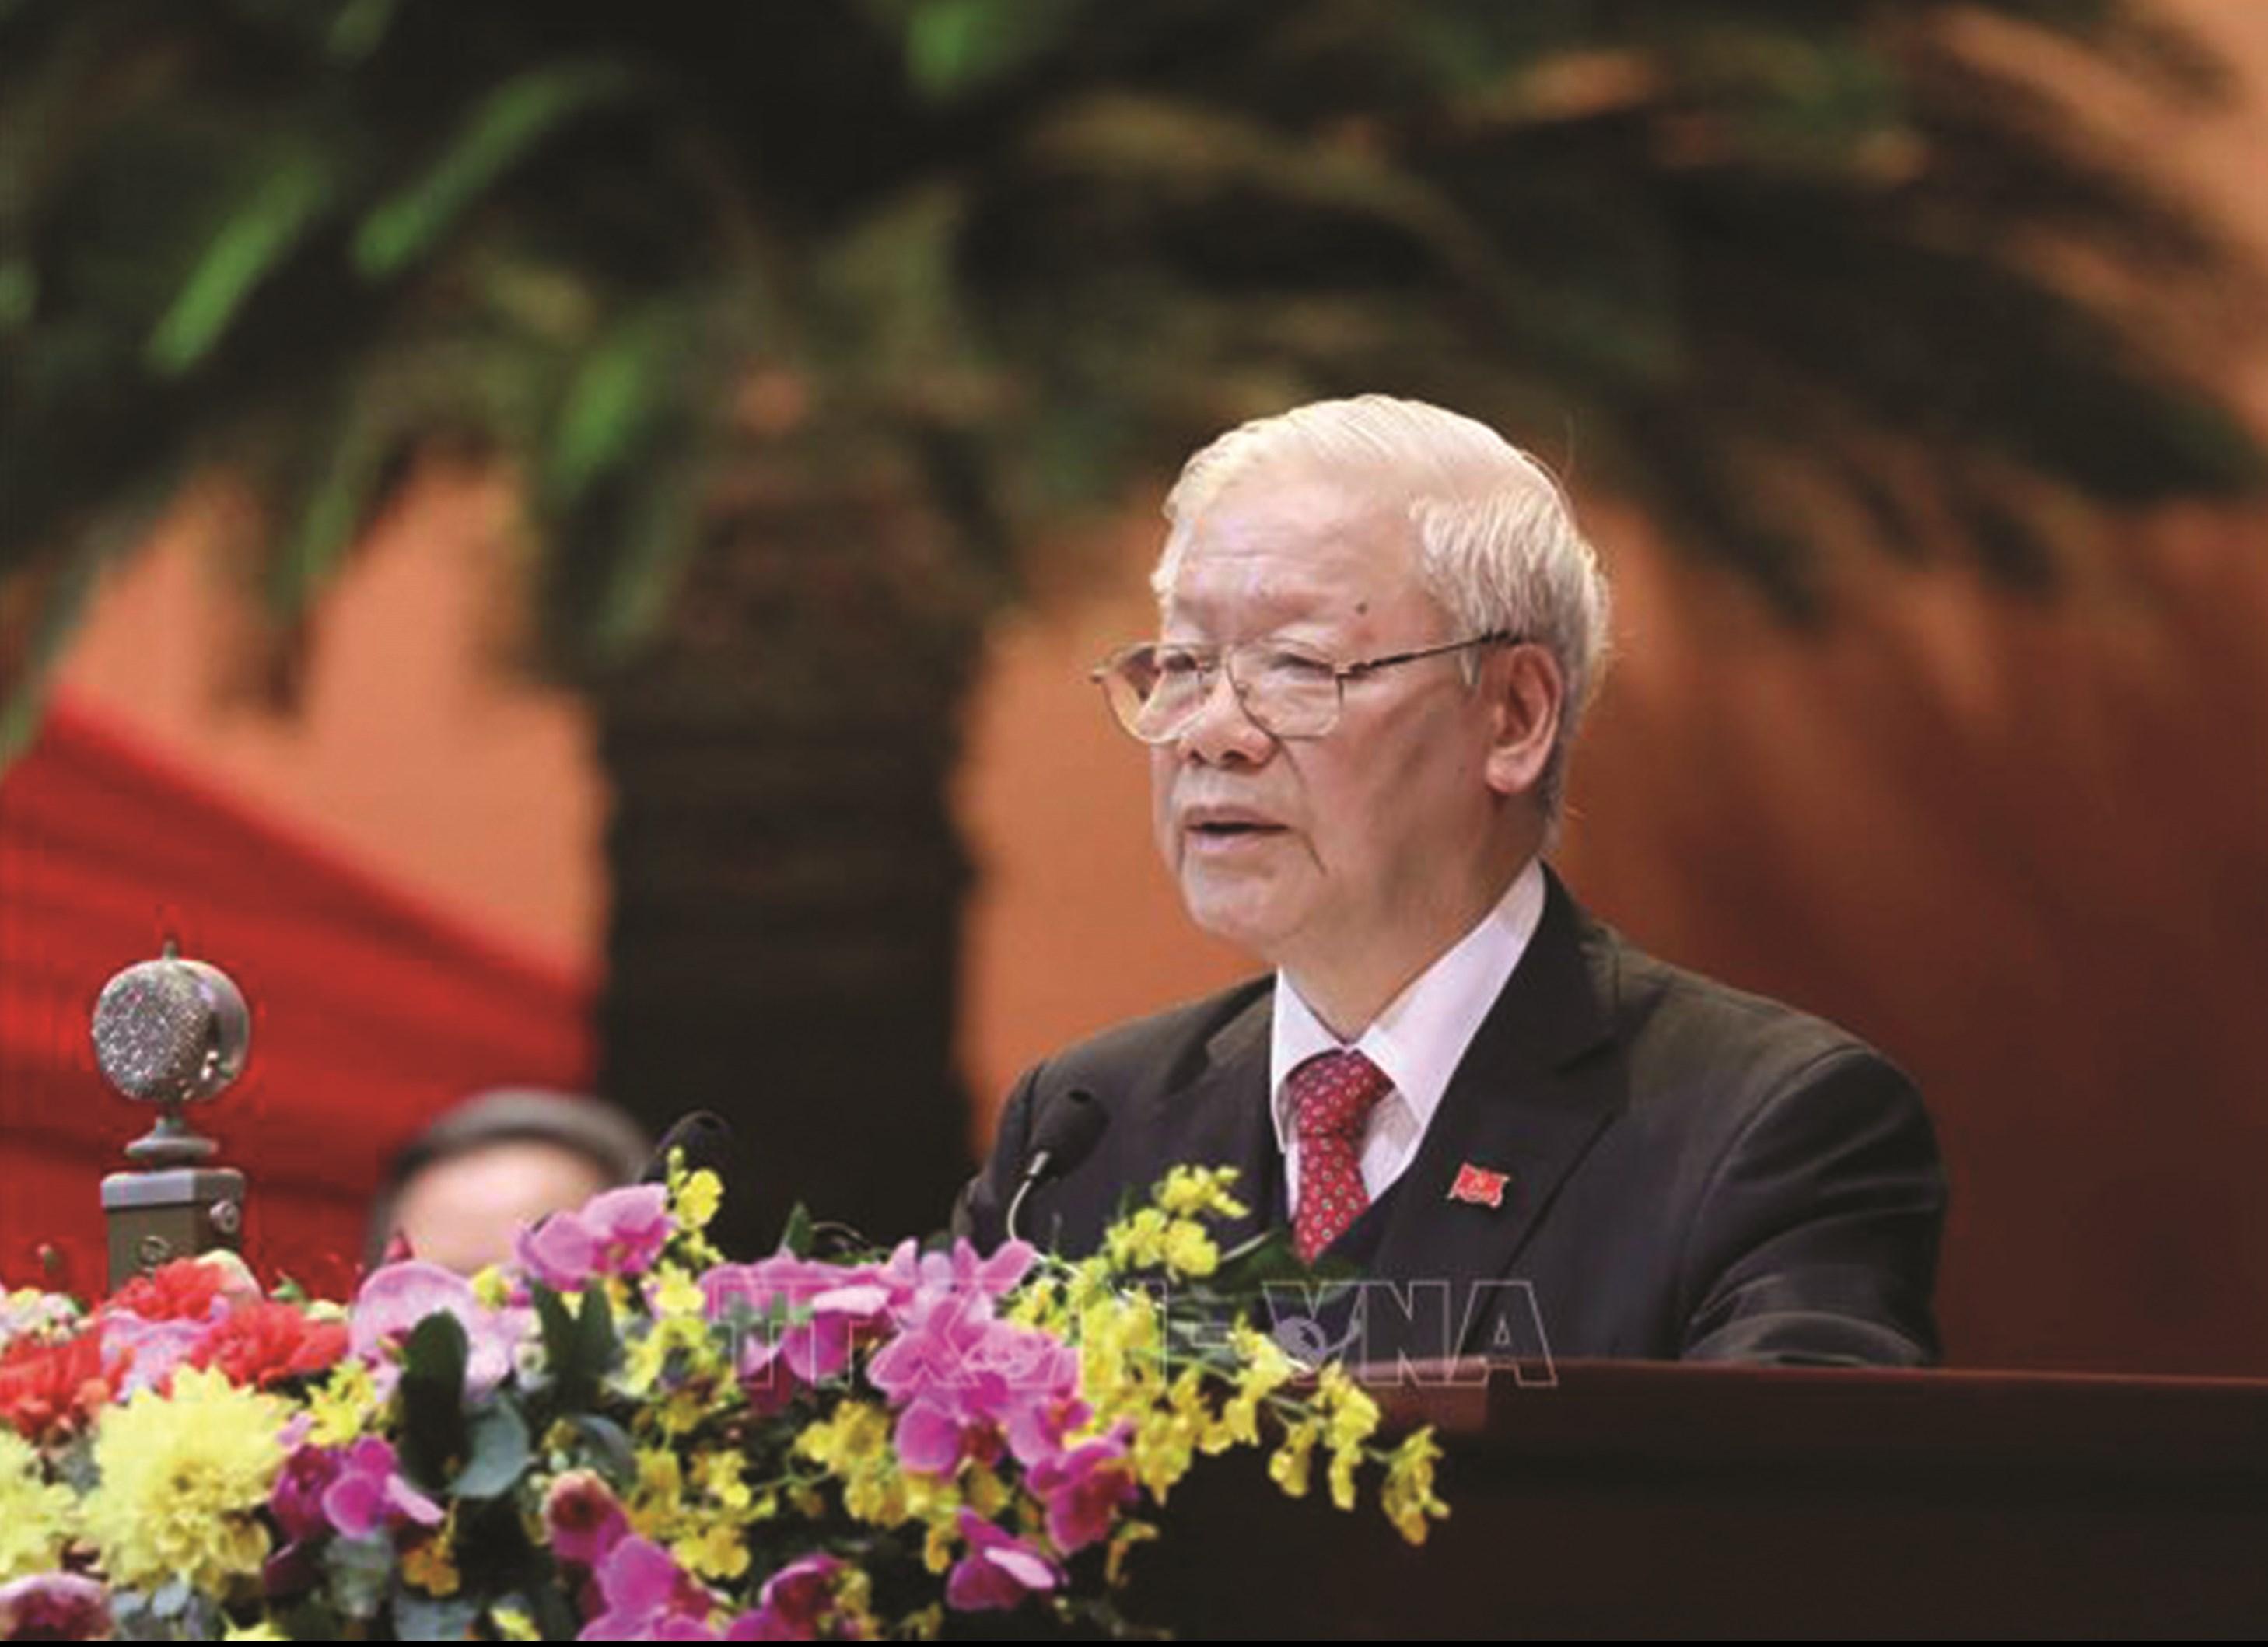 Đồng chí Nguyễn Phú Trọng, Tổng Bí thư BCHTW khóa XIII, Chủ tịch nước CHXHCN Việt Nam đọc Diễn văn bế mạc Đại hội. Ảnh: TTXVN